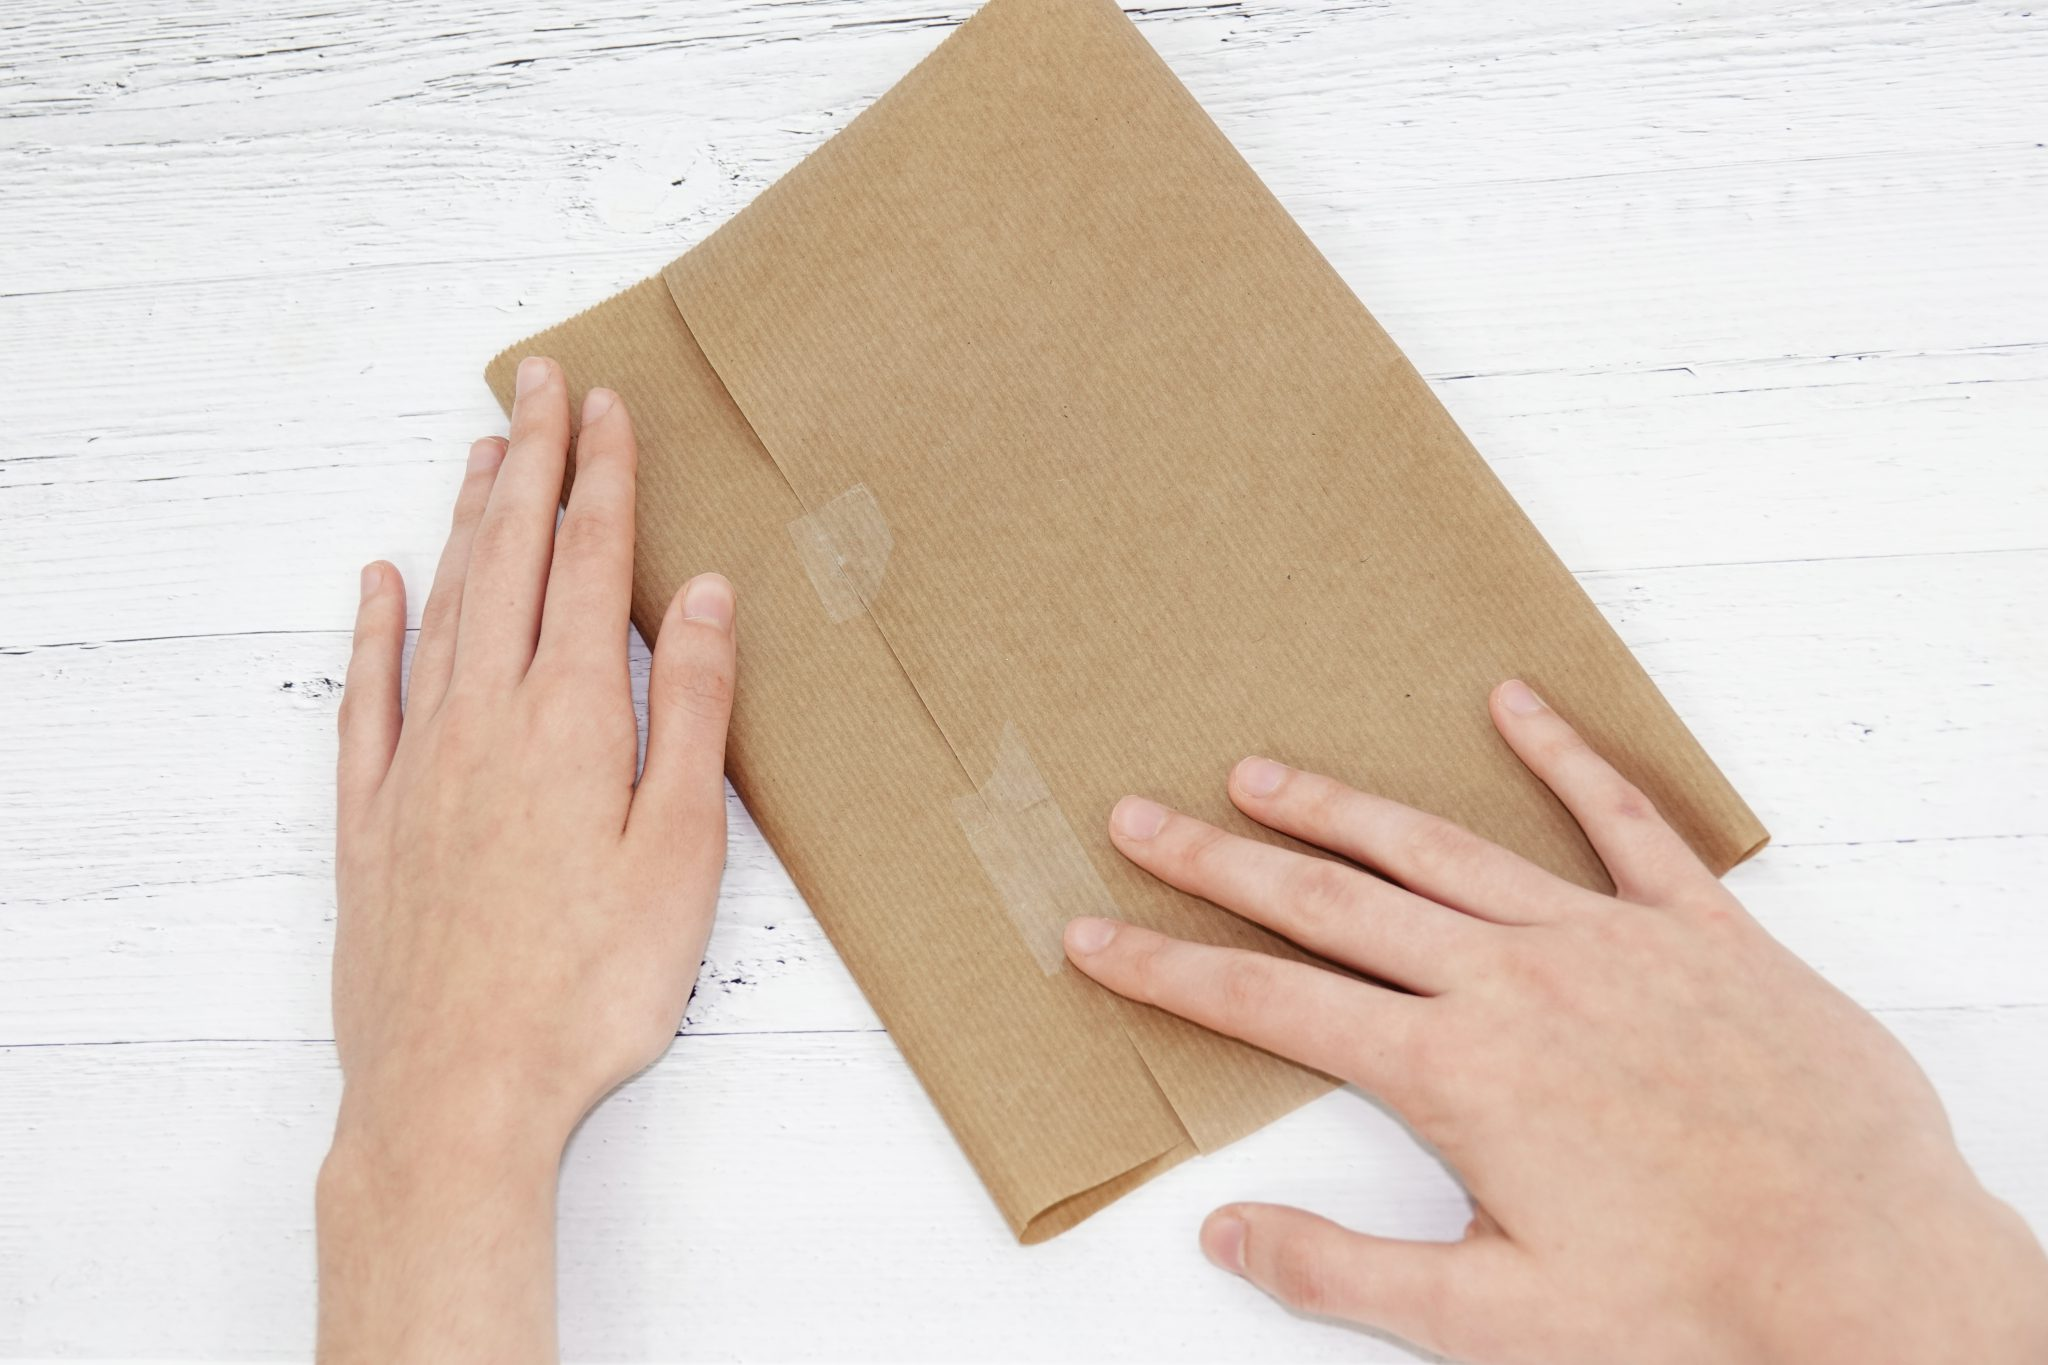 Schritt 1: Packpapier mit Klebefilm zusammenkleben